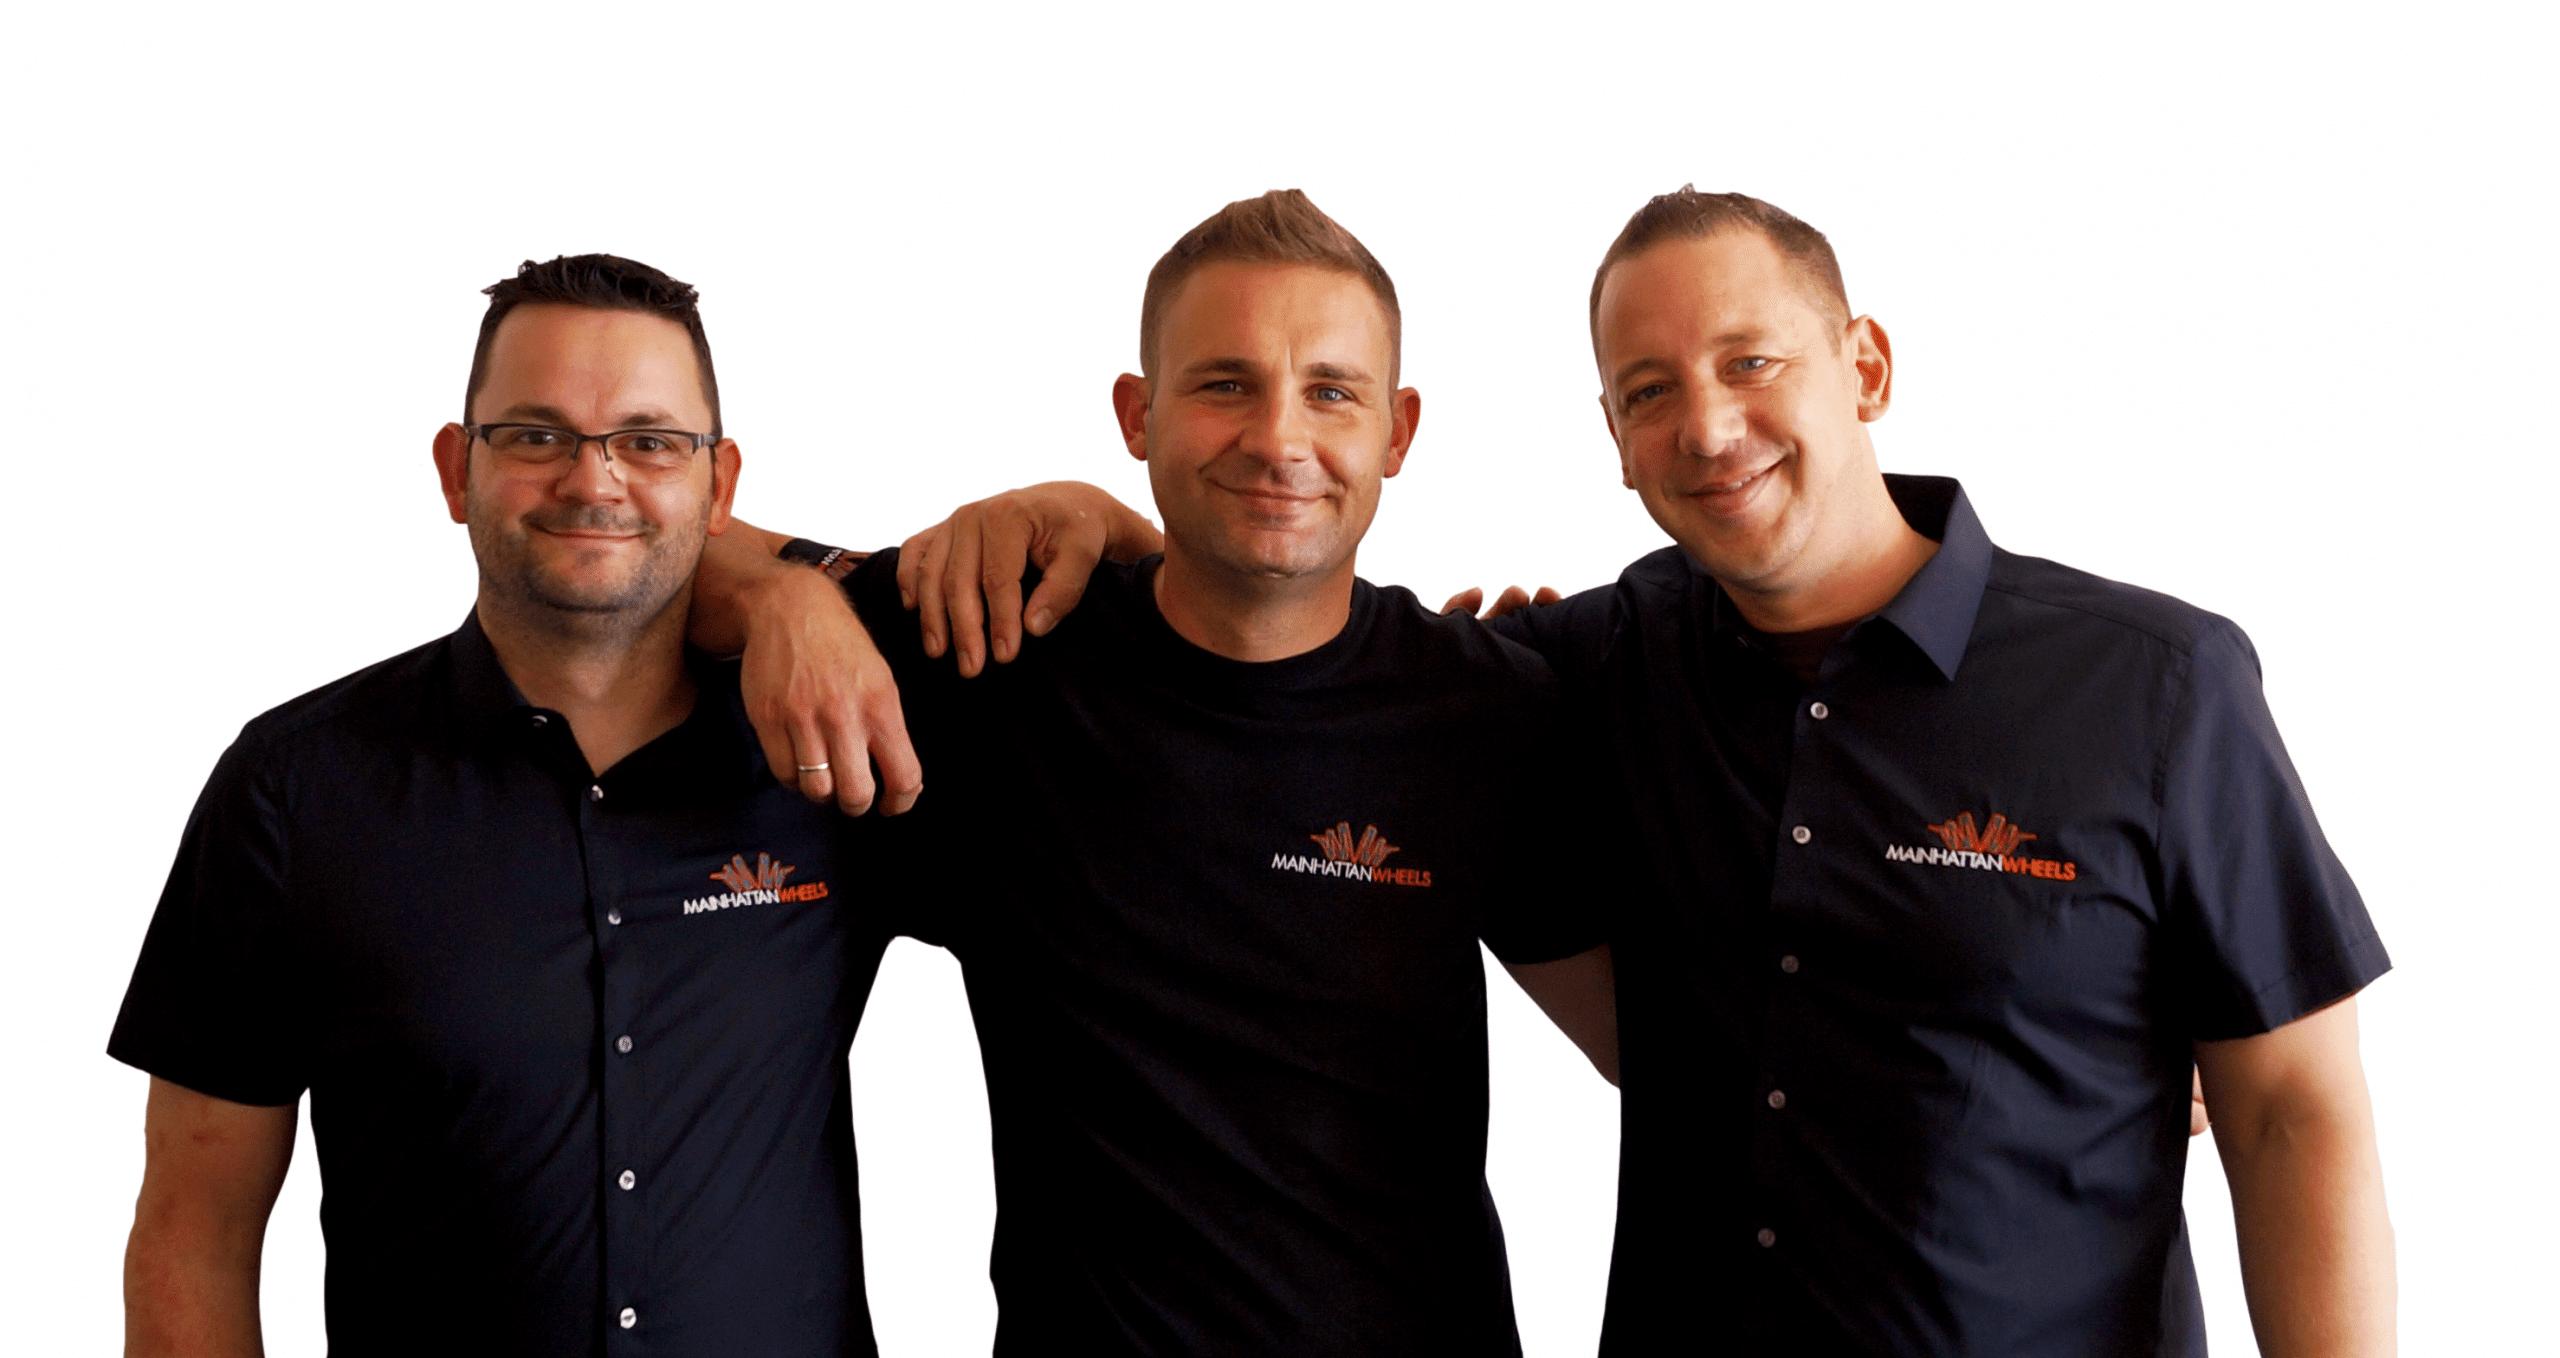 Team von Mainhattan Wheels - Beratung und Verkauf von Pulverbeschichtungsanlagen für Felgen